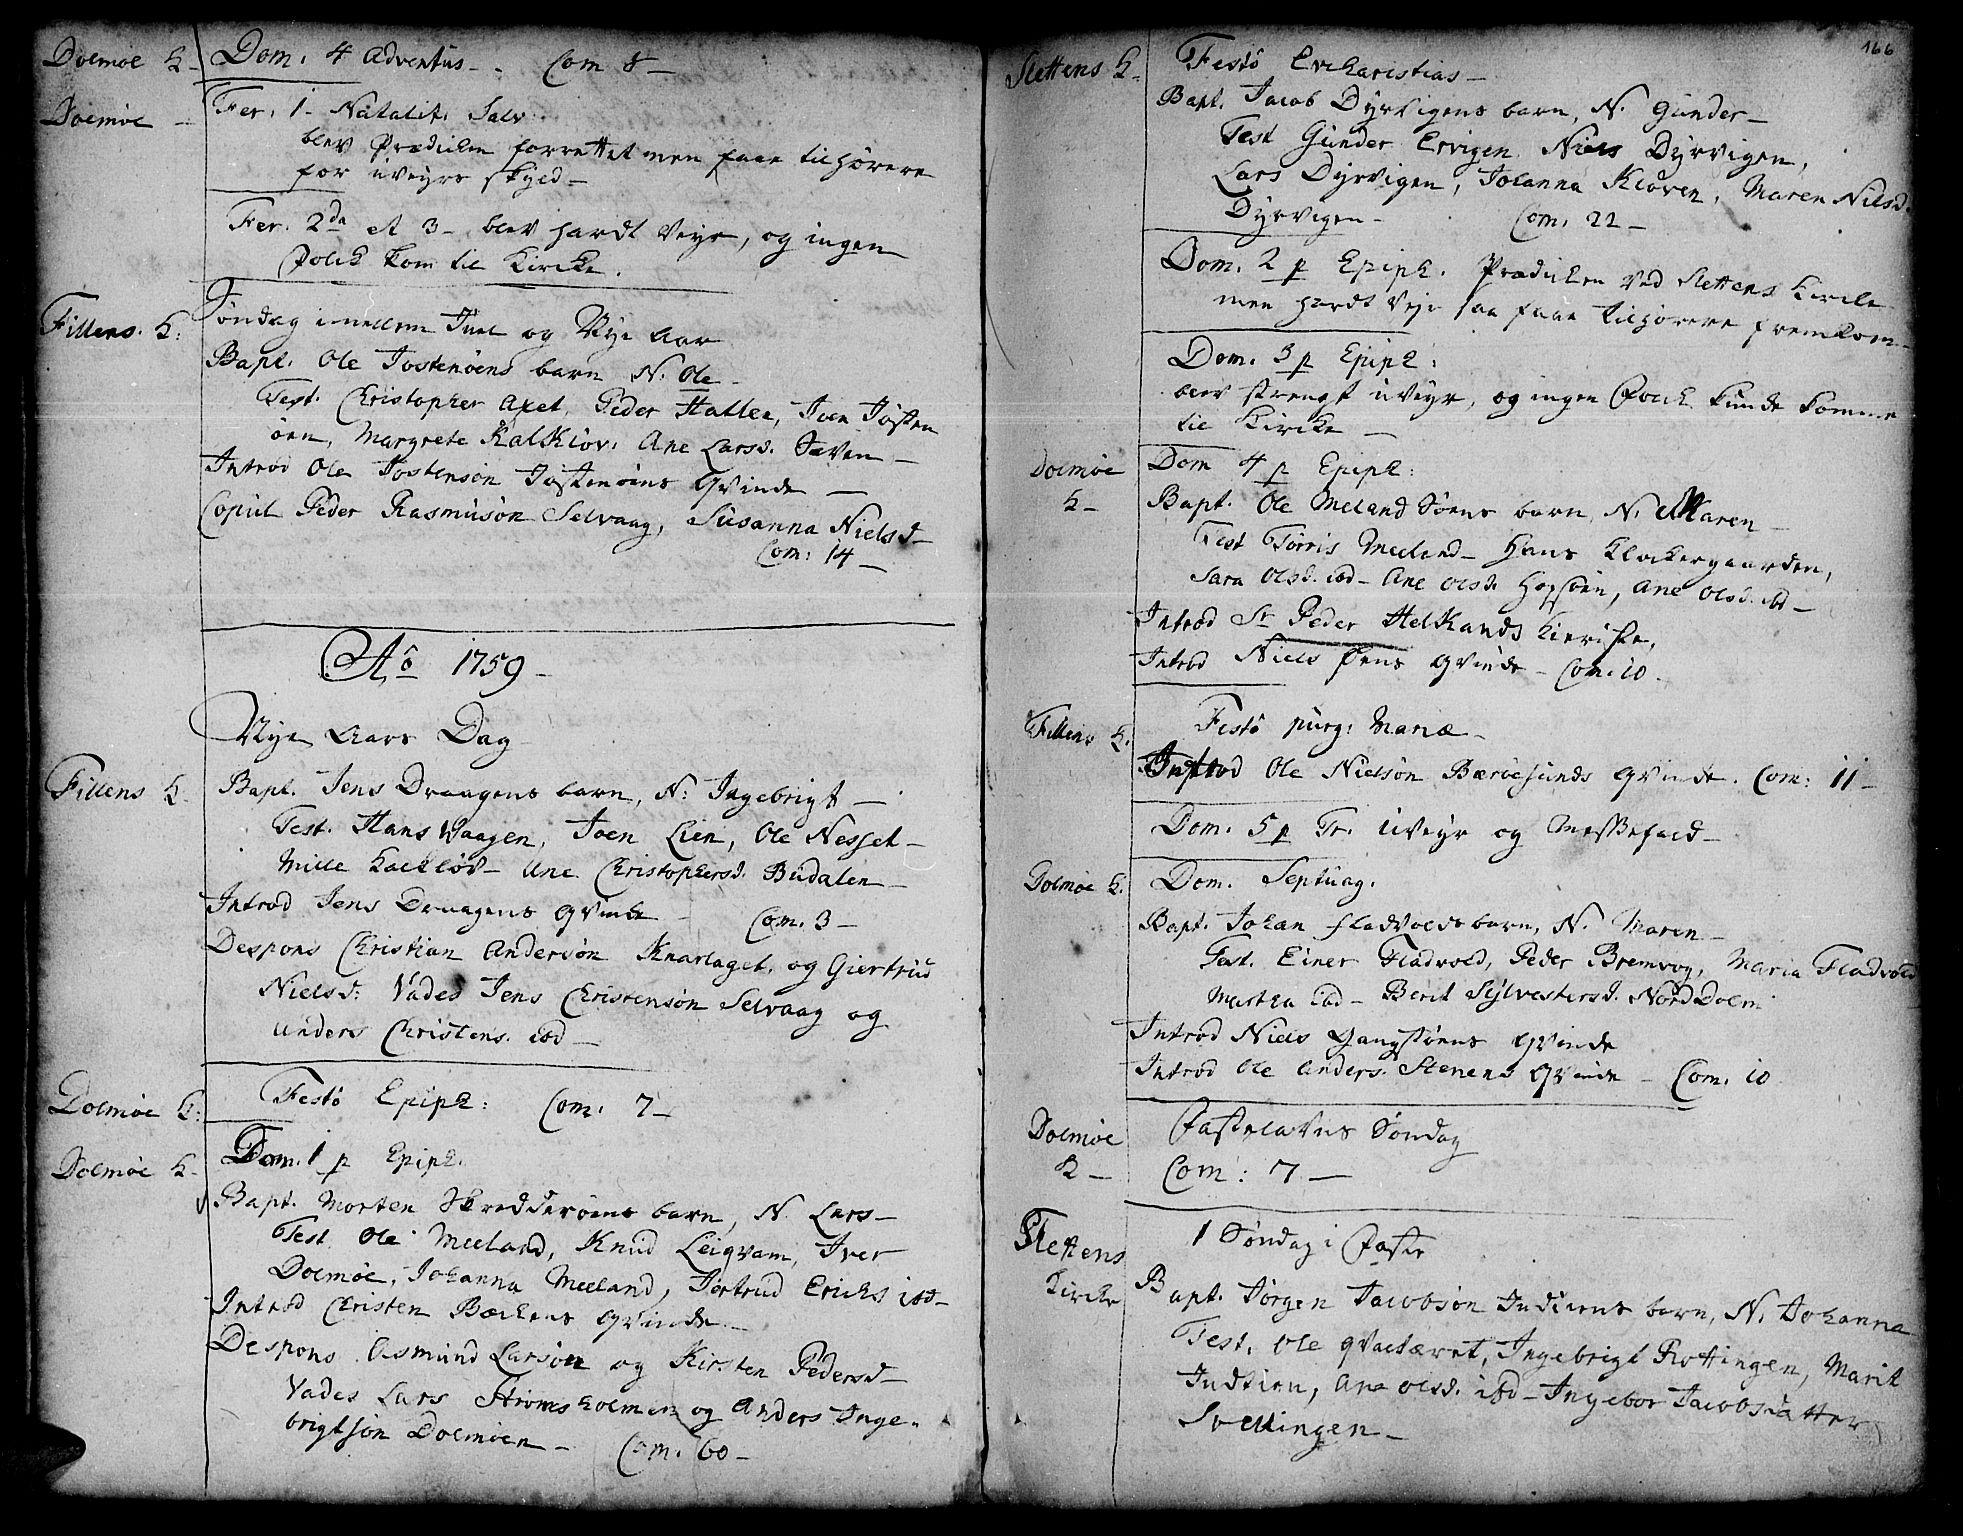 SAT, Ministerialprotokoller, klokkerbøker og fødselsregistre - Sør-Trøndelag, 634/L0525: Ministerialbok nr. 634A01, 1736-1775, s. 166